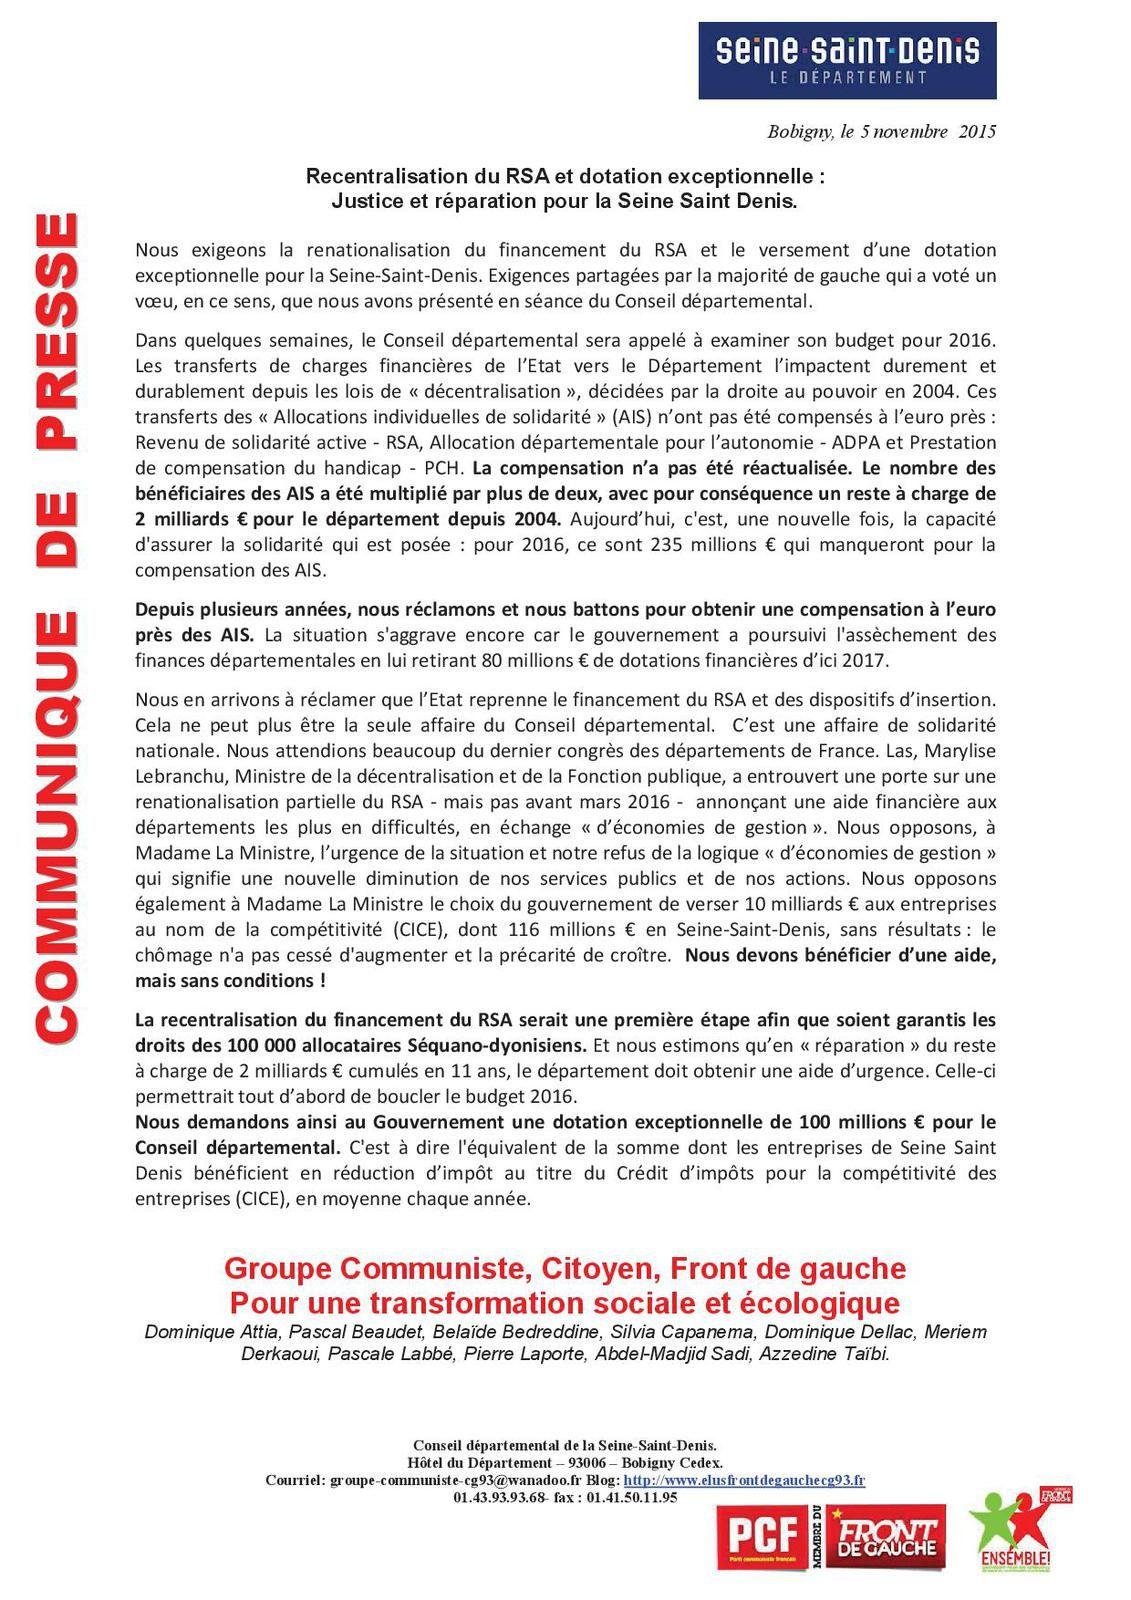 Recentralisation du RSA et dotation exceptionnelle :  Justice et réparation pour la Seine Saint Denis.